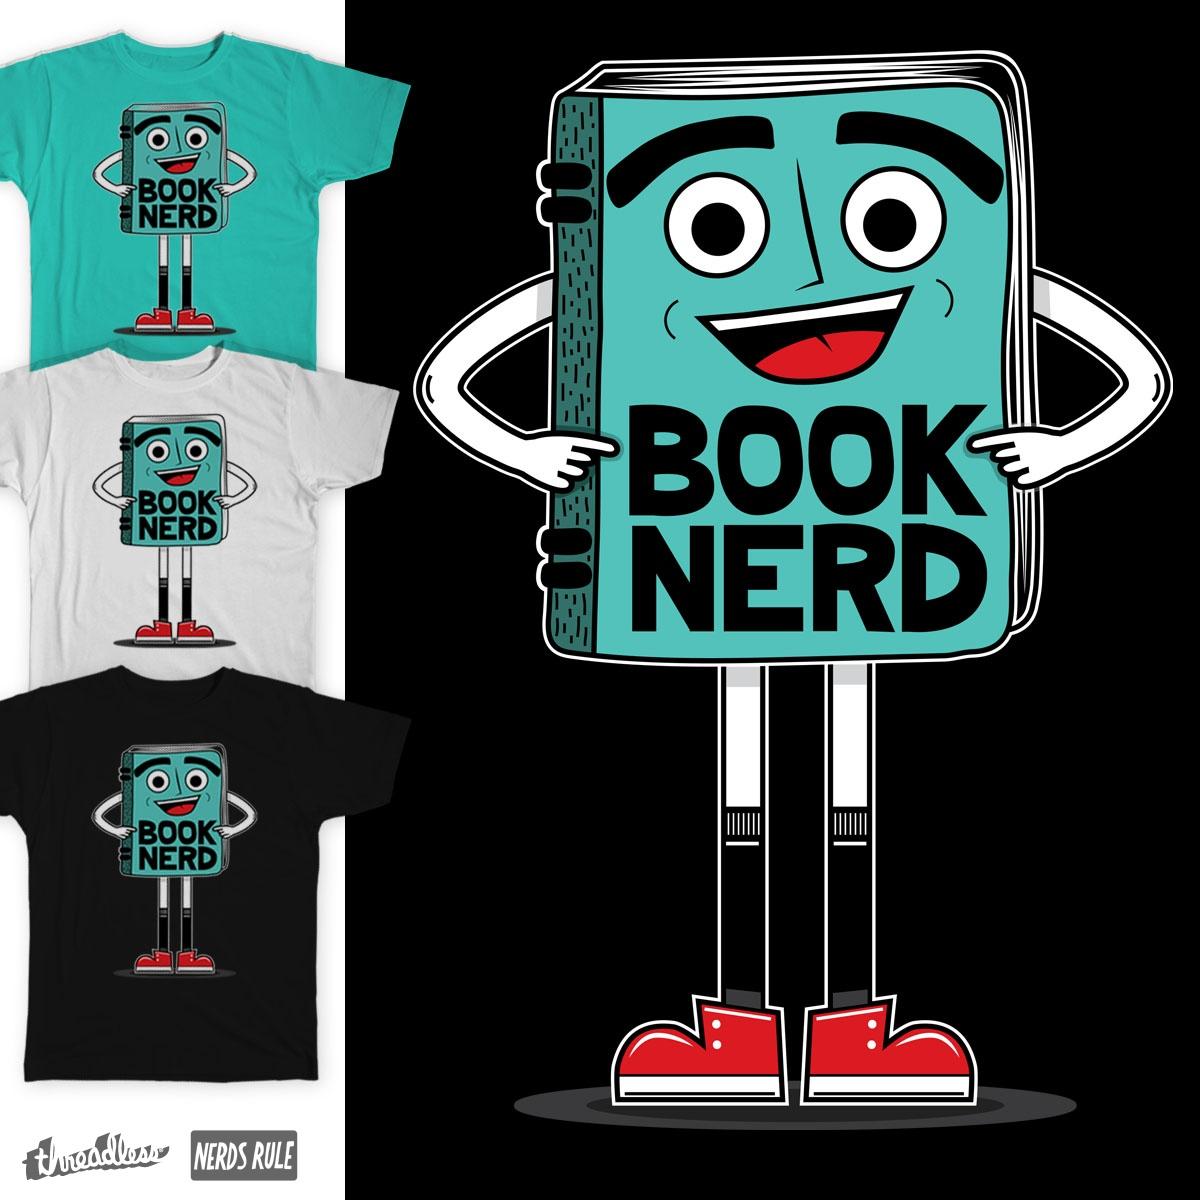 Book Nerd Man by treemanjake on Threadless